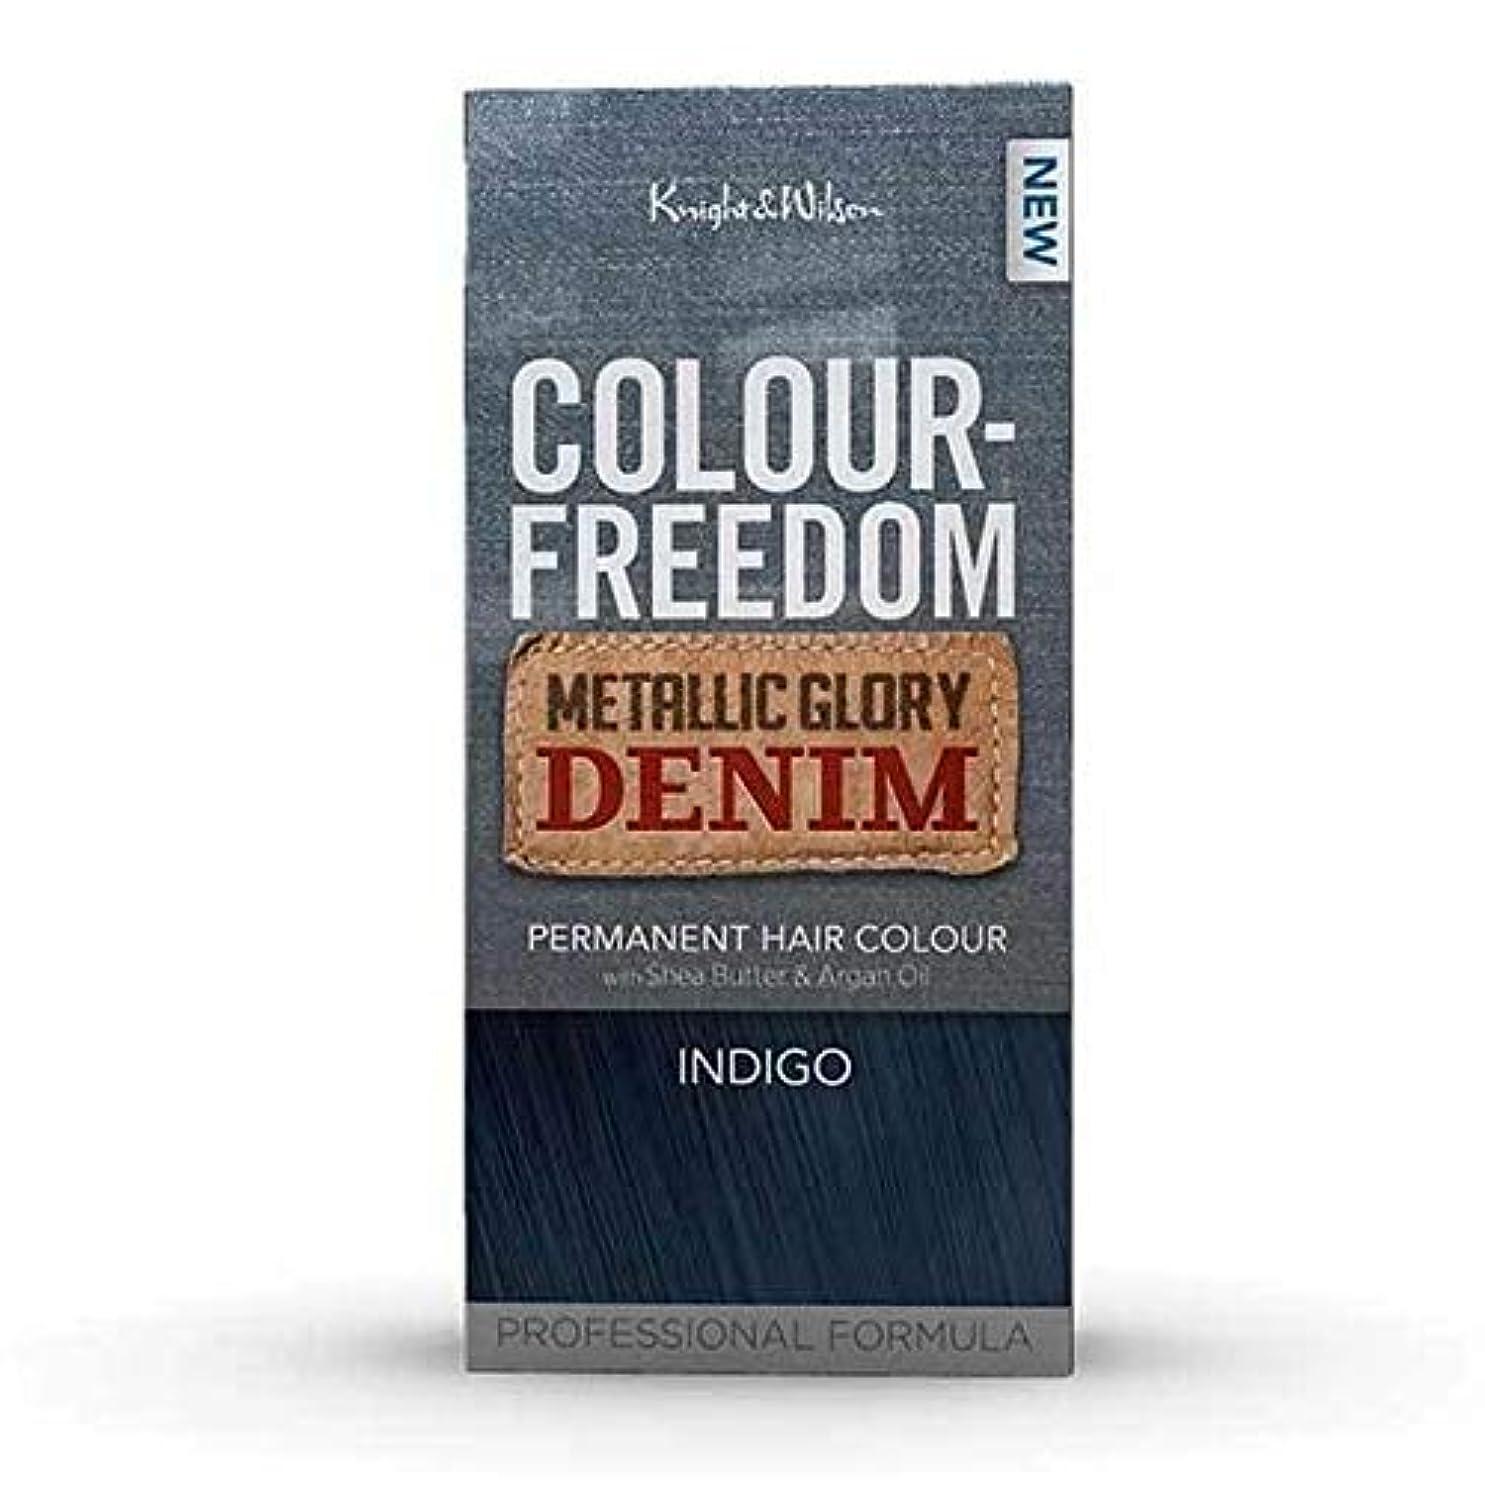 後継インタネットを見る叱る[Colour Freedom ] カラー自由メタリック栄光デニムインディゴ - Colour Freedom Metallic Glory Denim Indigo [並行輸入品]